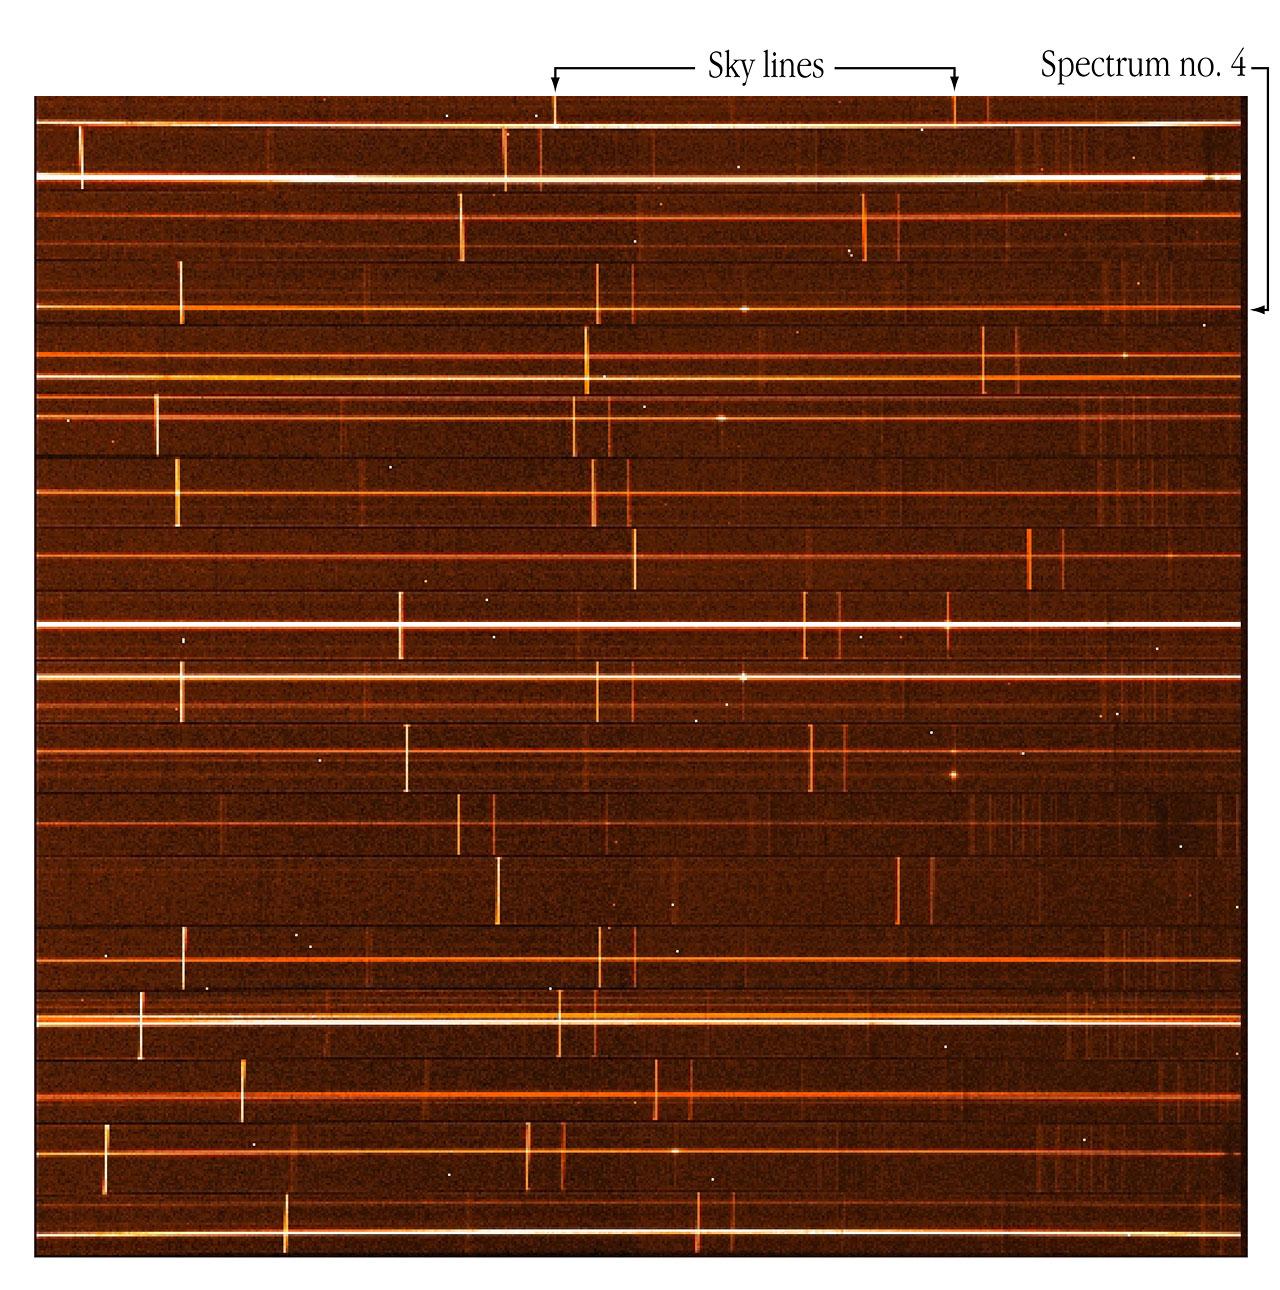 FORS1 at the VLT UT1: First Spectra